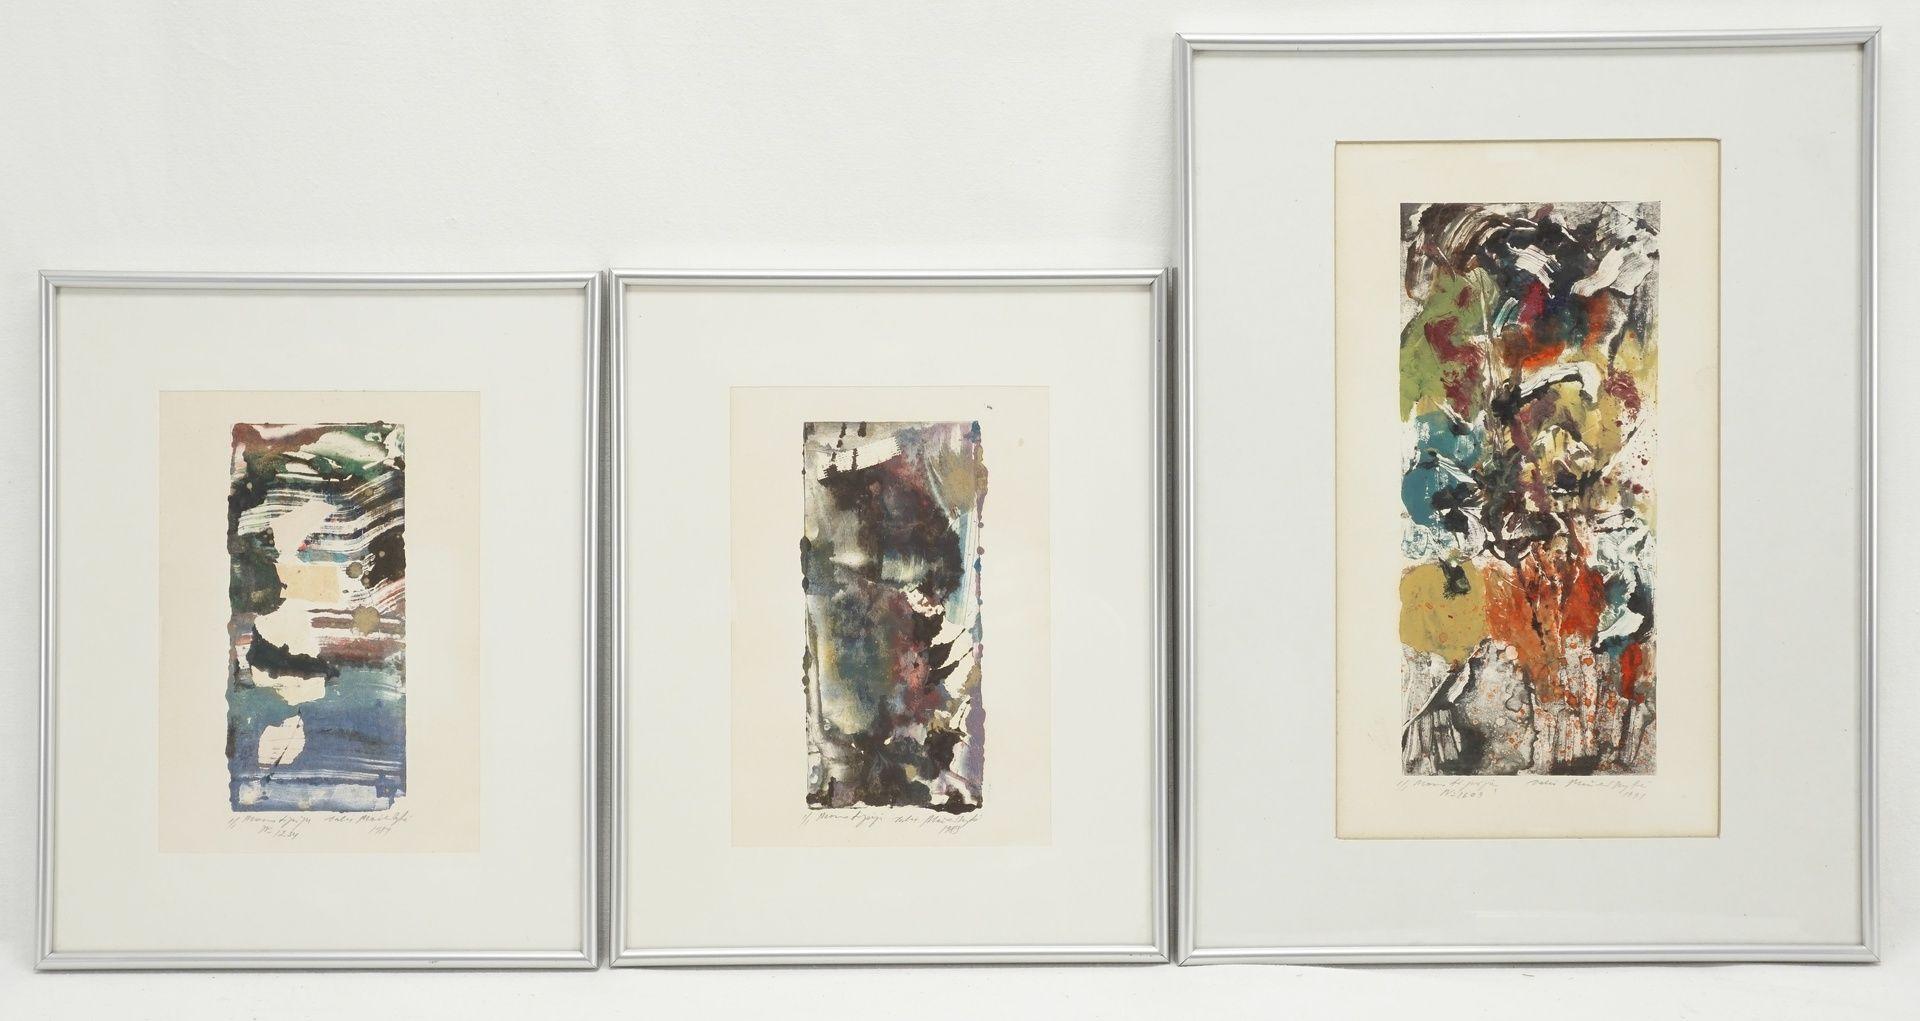 Unbekannter Künstler, drei informelle Kompositionen